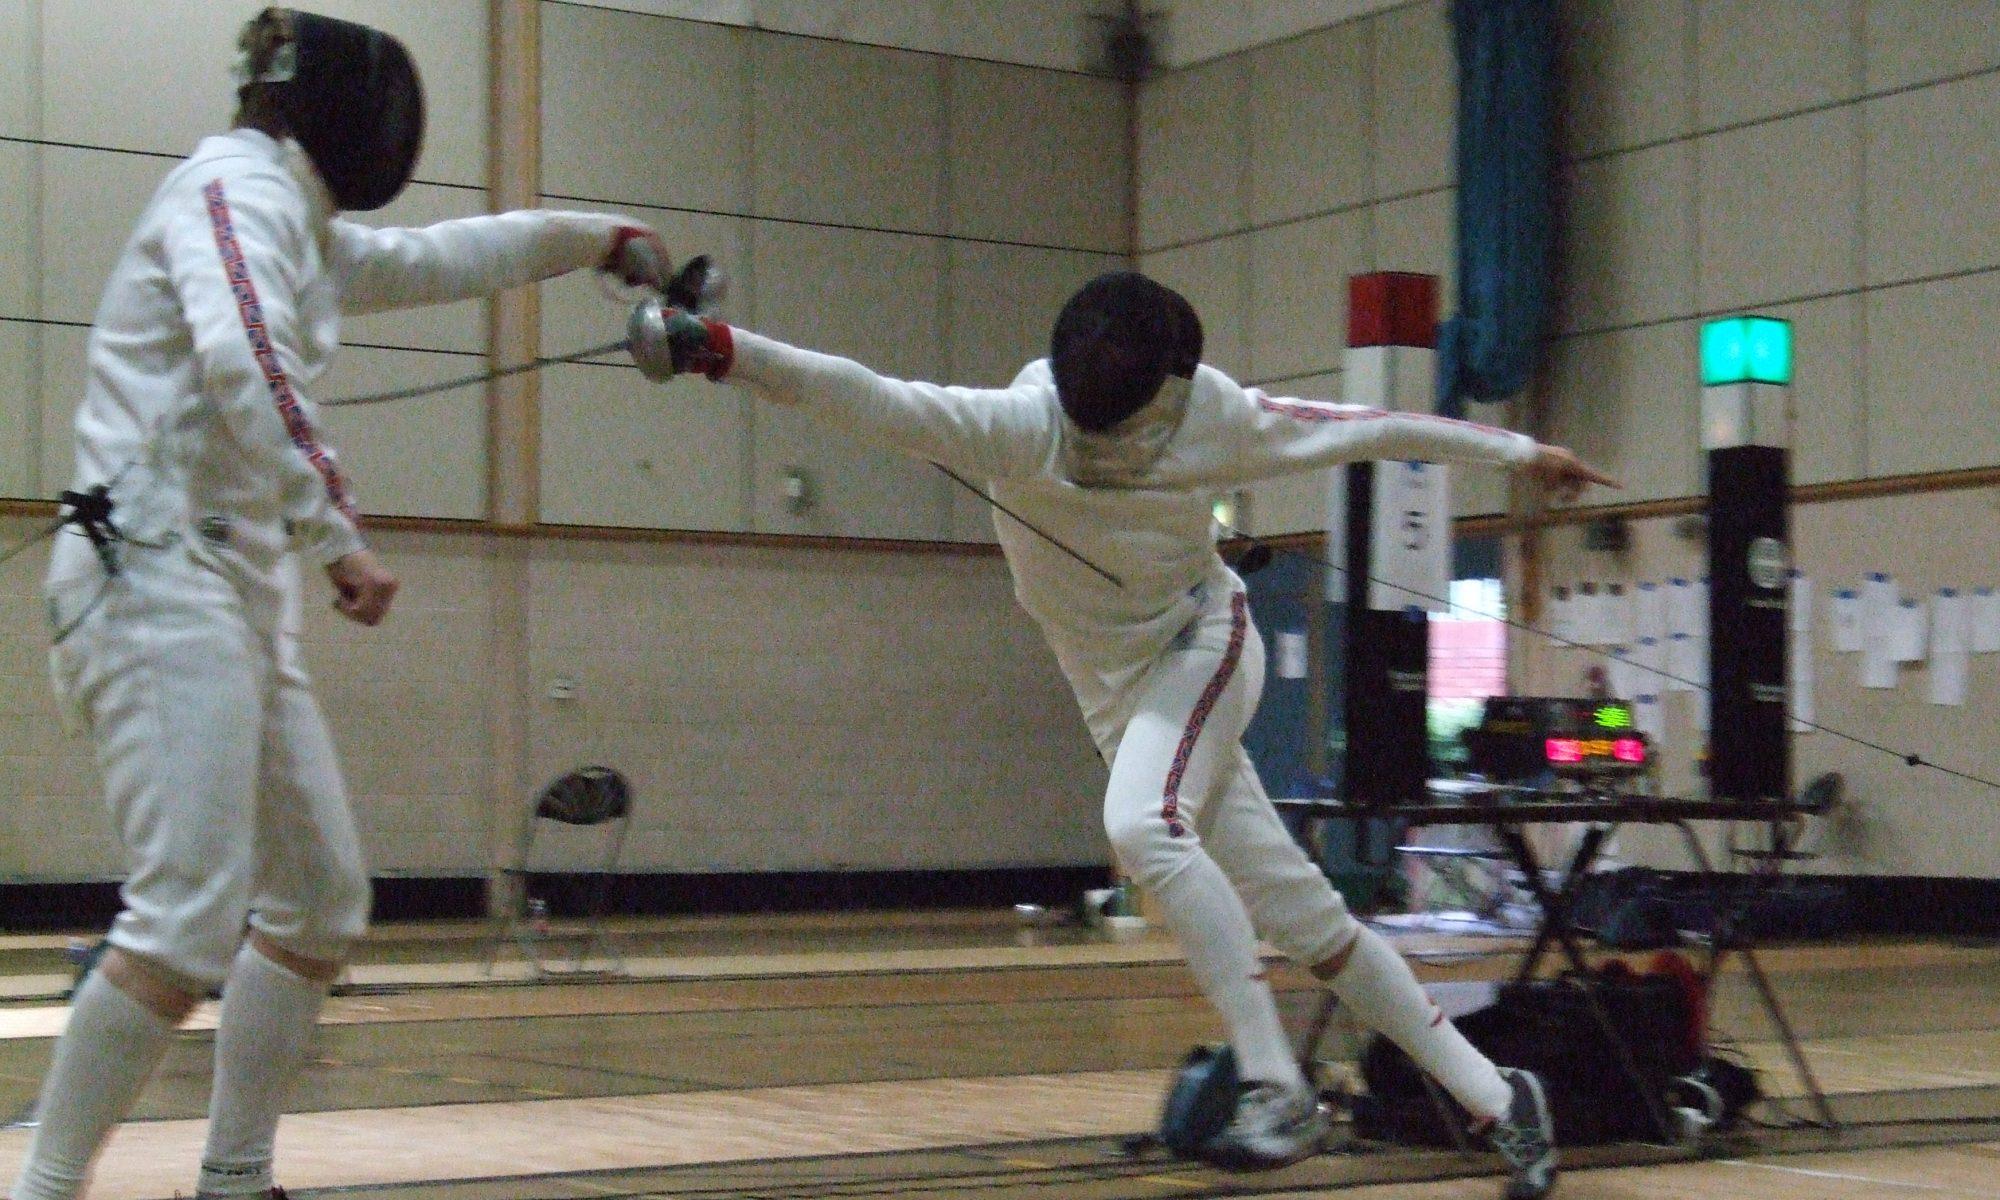 Evesham Fencing Club